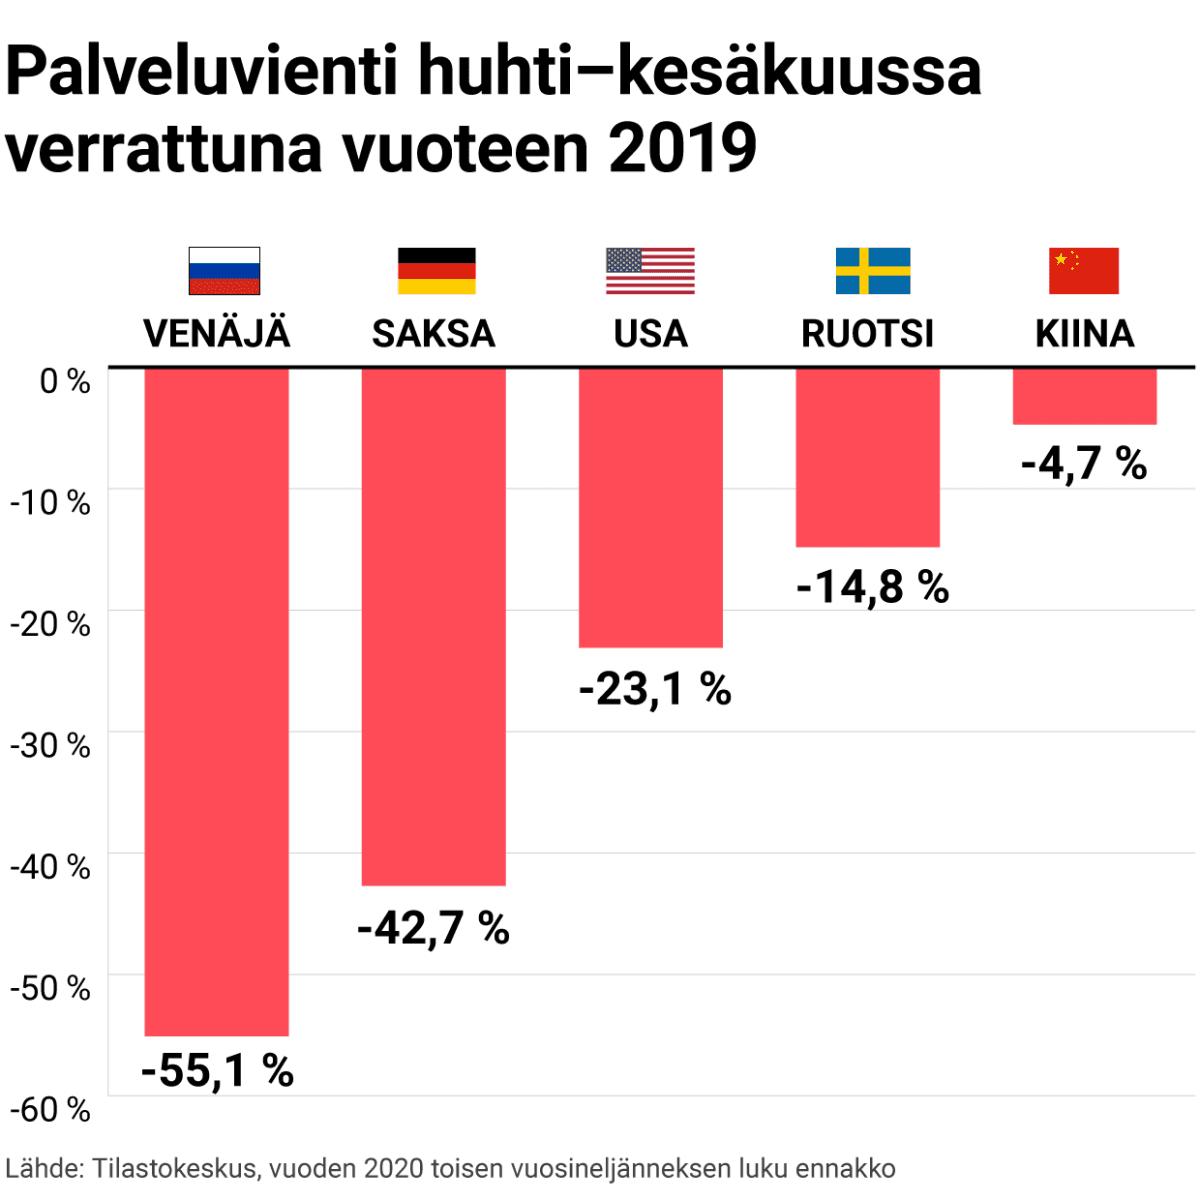 Palveluvienti huhti-kesäkuussa verrattuna vuoteen 2019